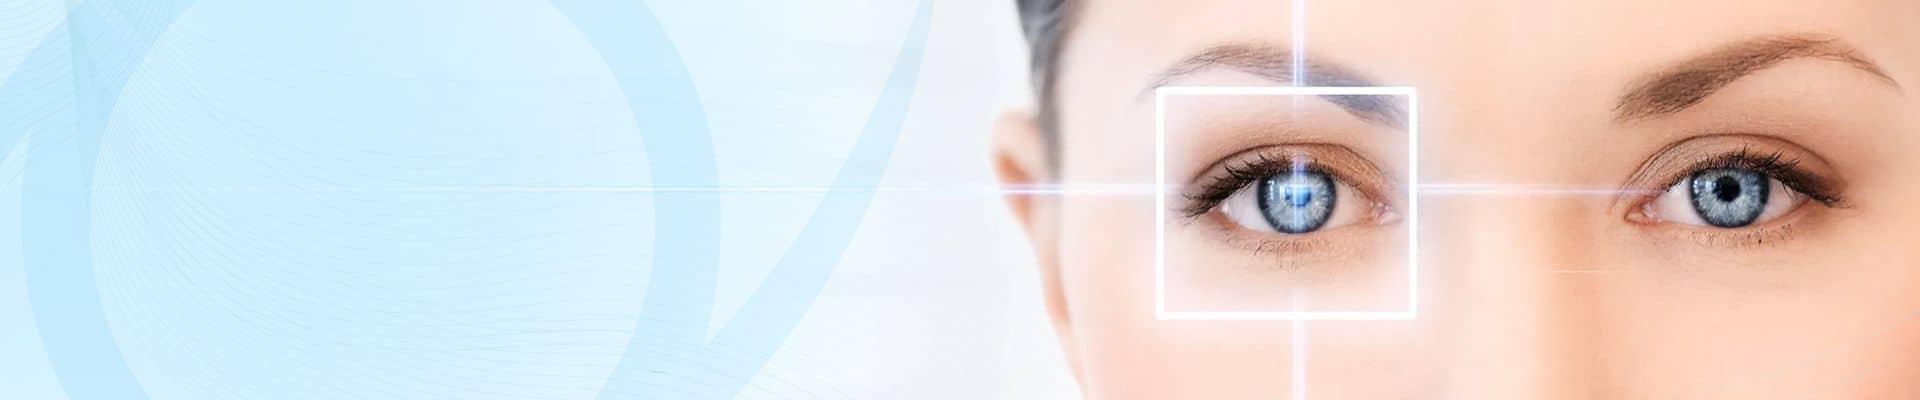 szürkehályog a látás éles romlása látás és bányászok